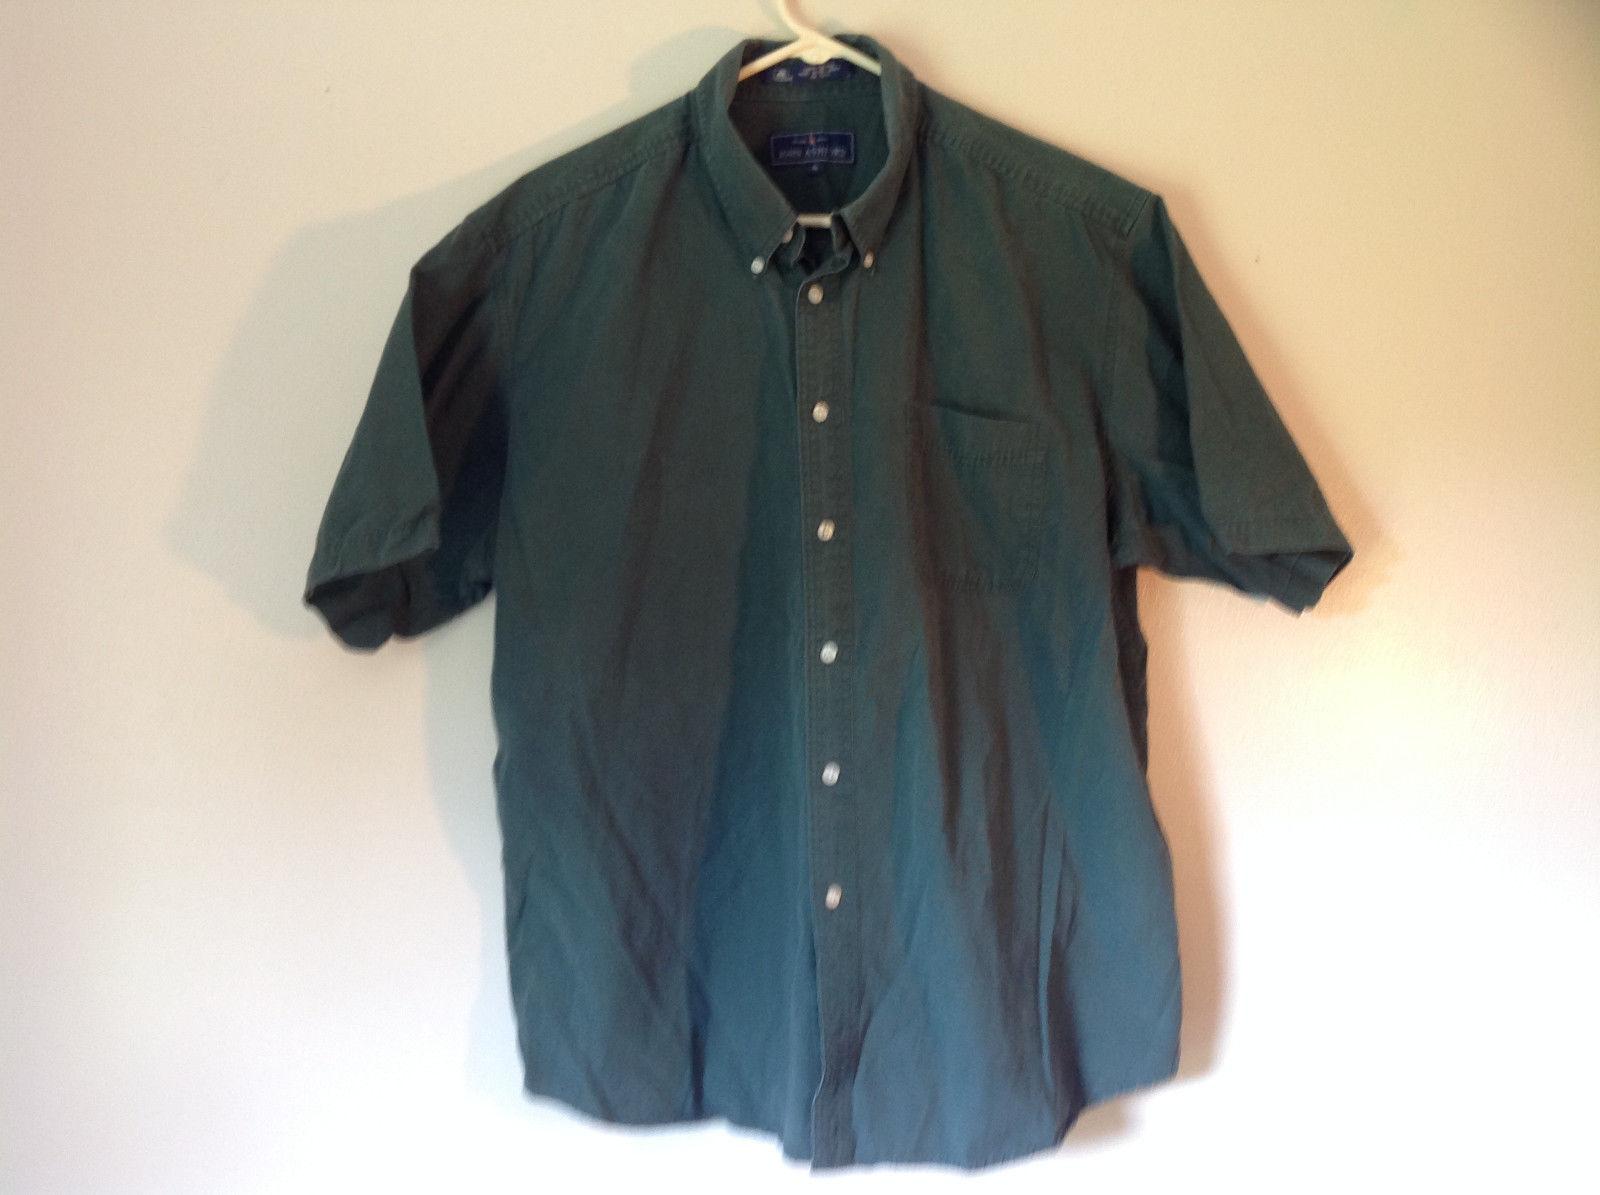 Size XL John Ashford Green Collared Short Sleeve Collared Button Down Shirt